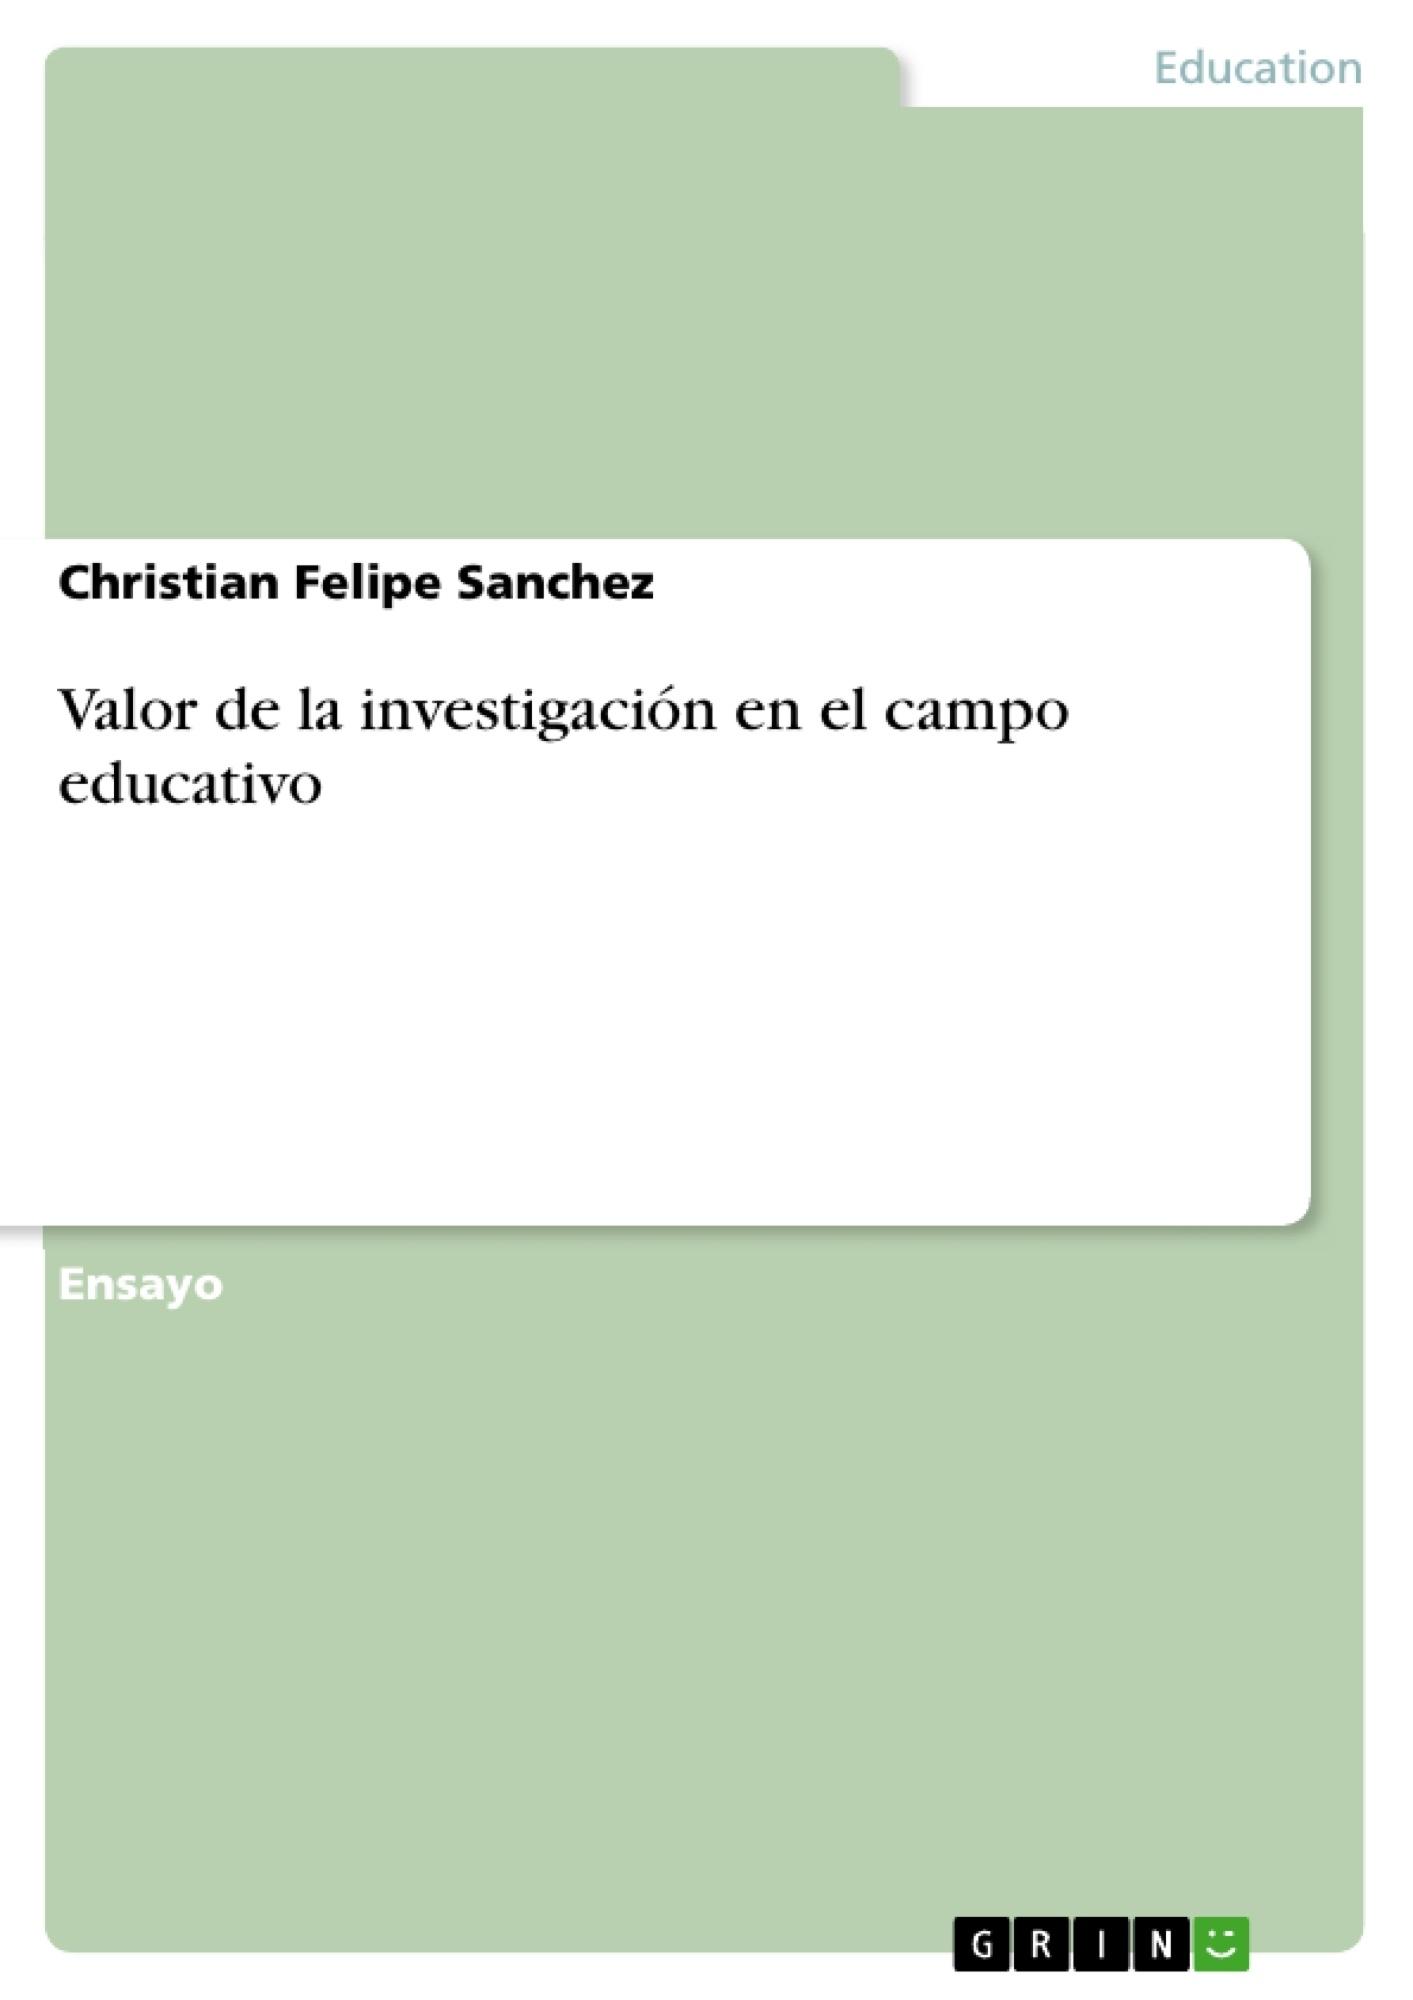 Título: Valor de la investigación en el campo educativo